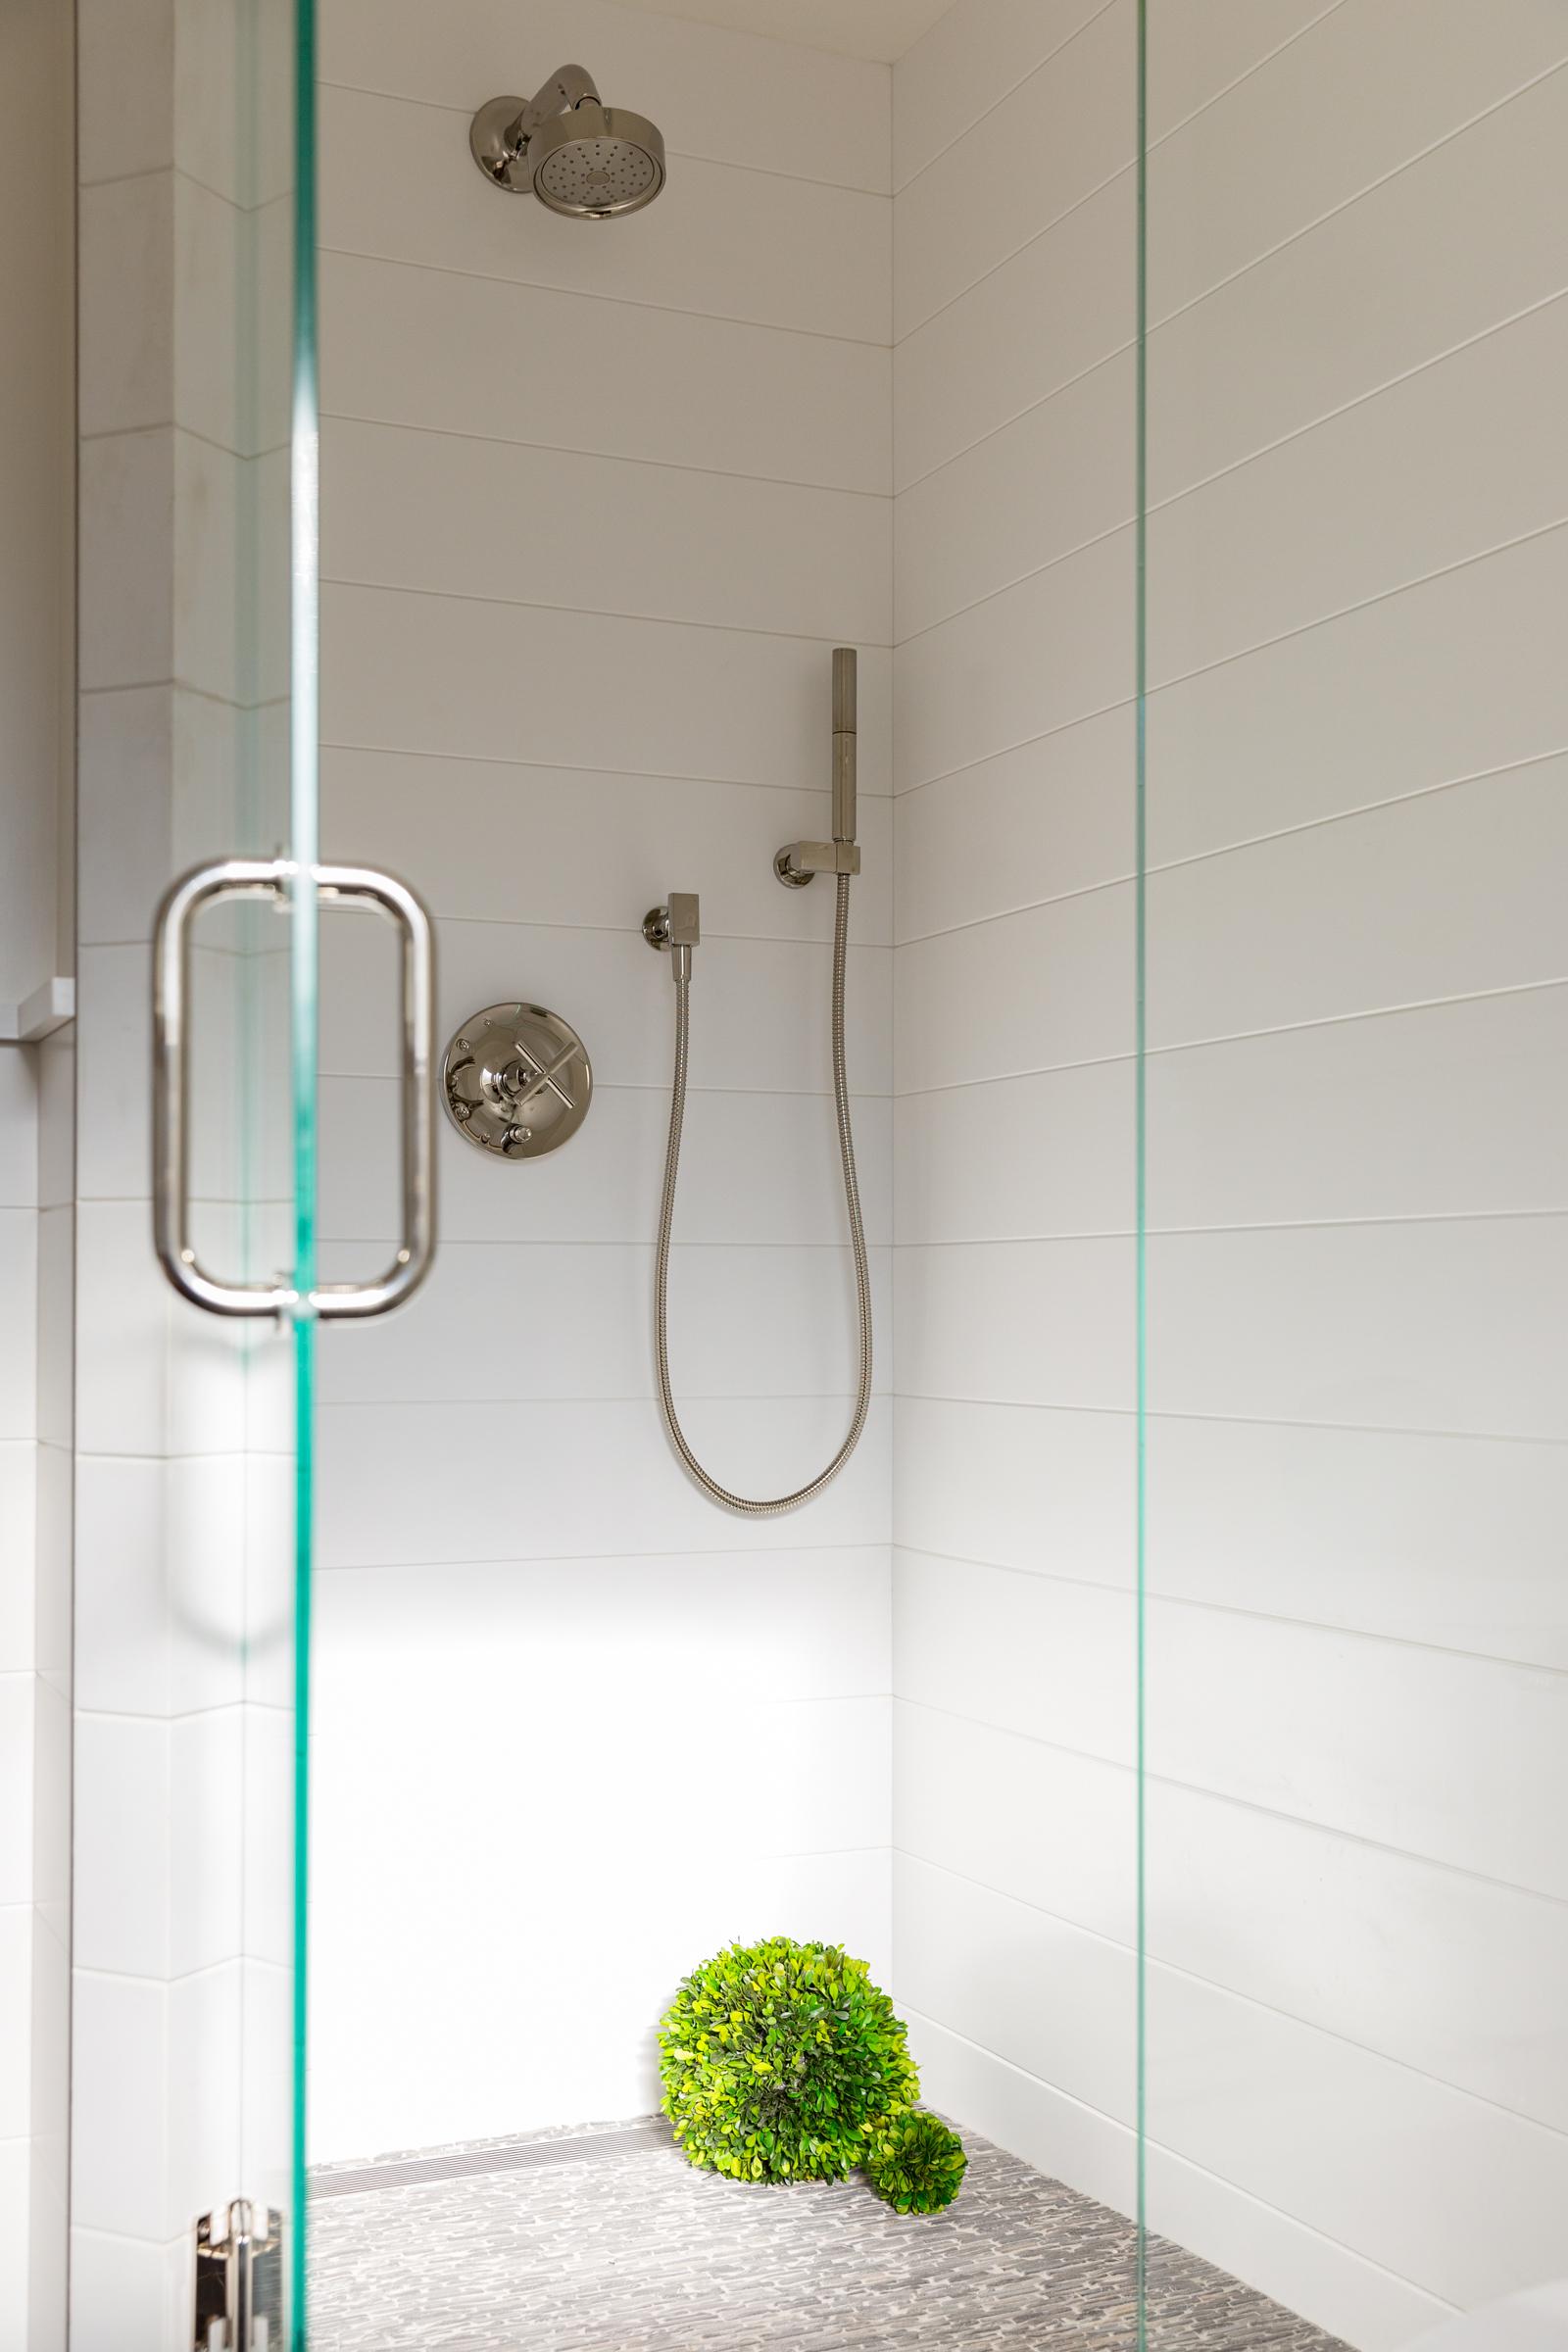 celeste_bathrooms-6.jpg